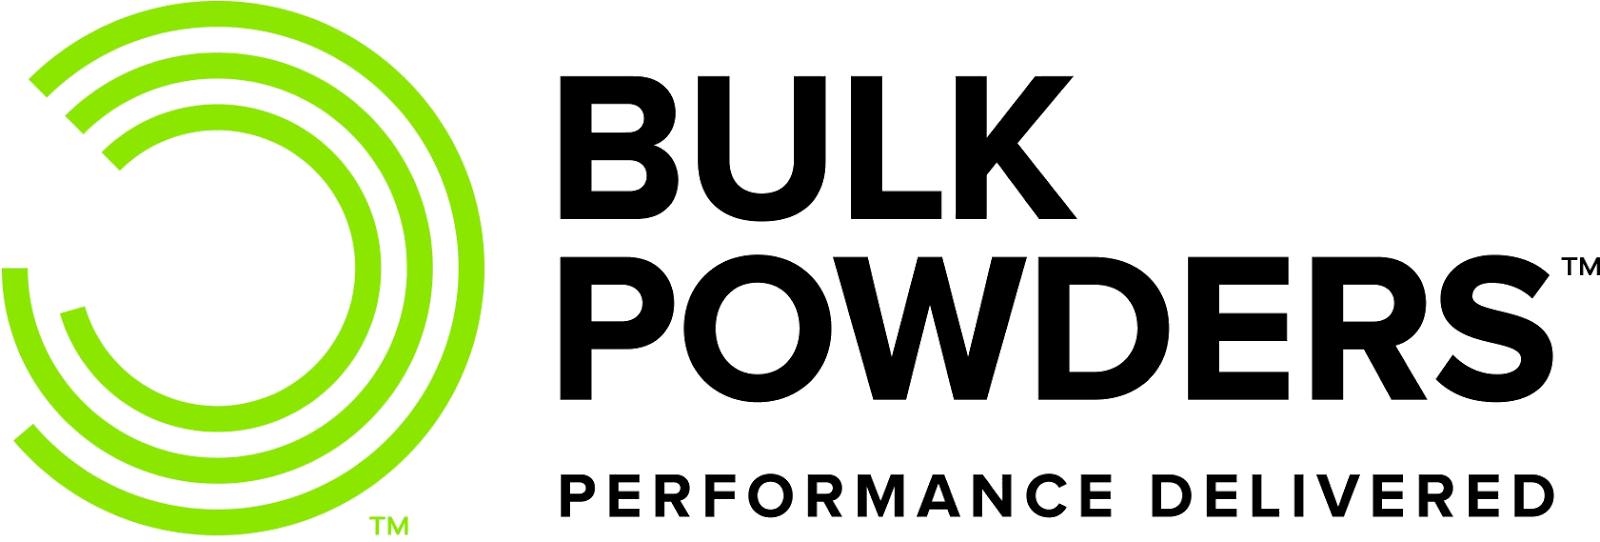 Zniżka Bulkpowders